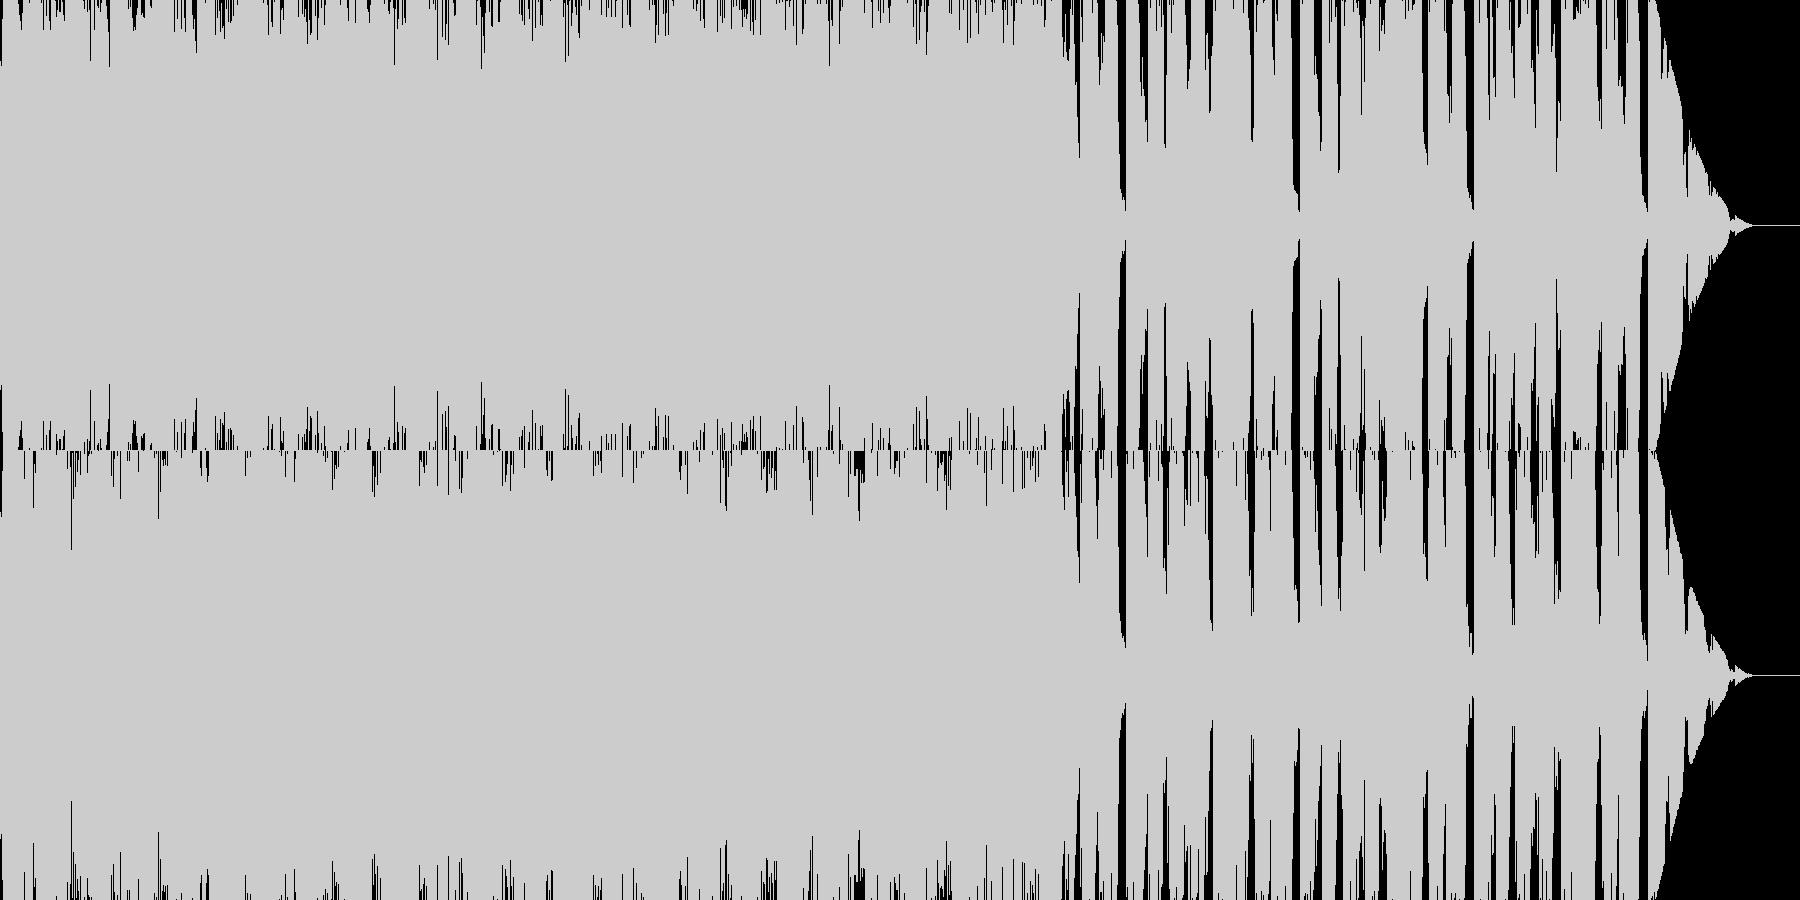 楽し気だけどせつないBGMの未再生の波形